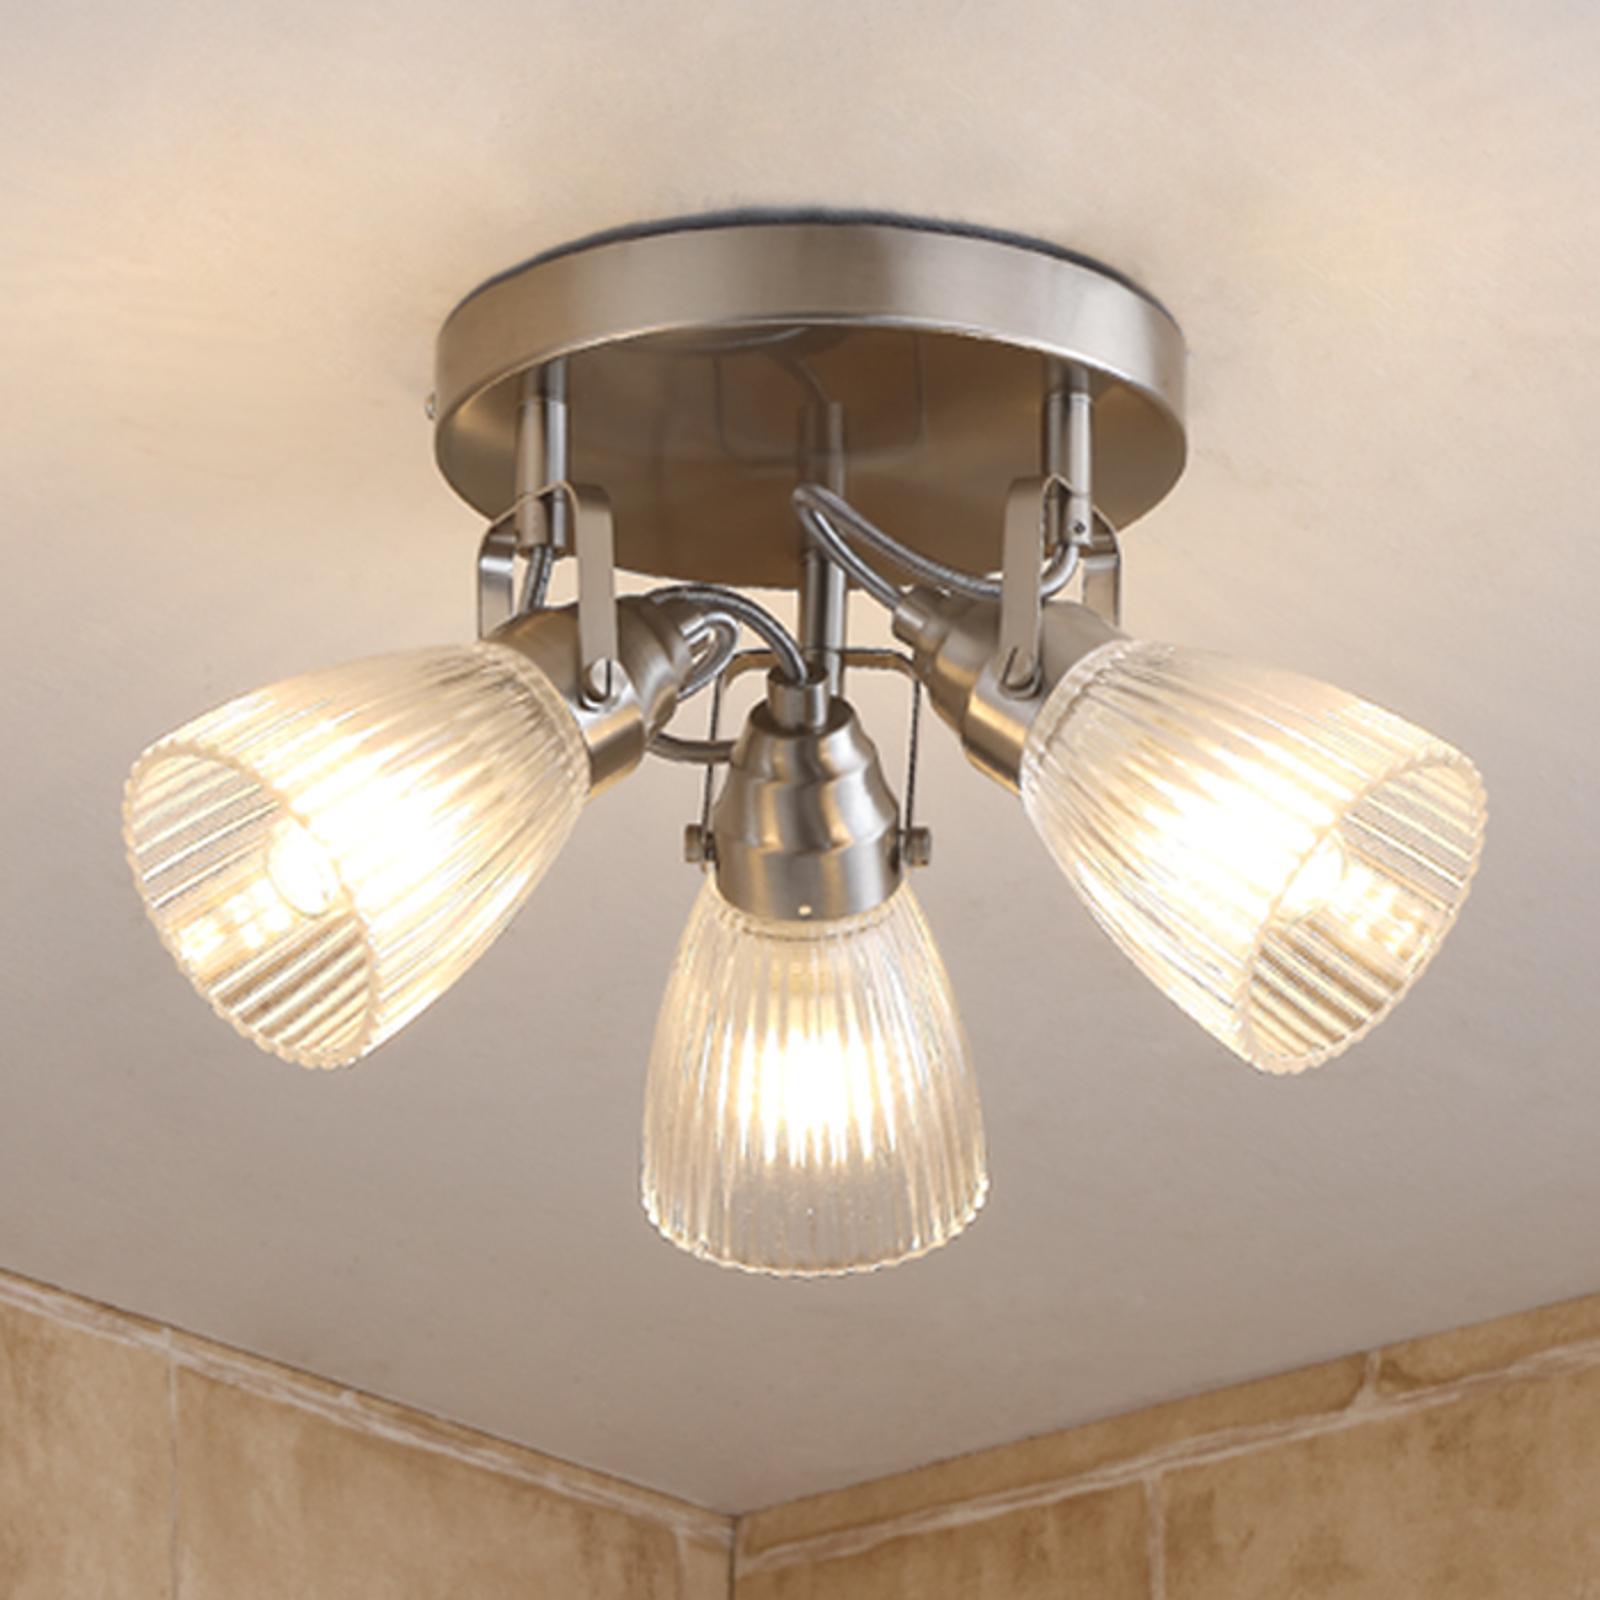 Plafonnier rond LED Kara salle d'eau verre texturé